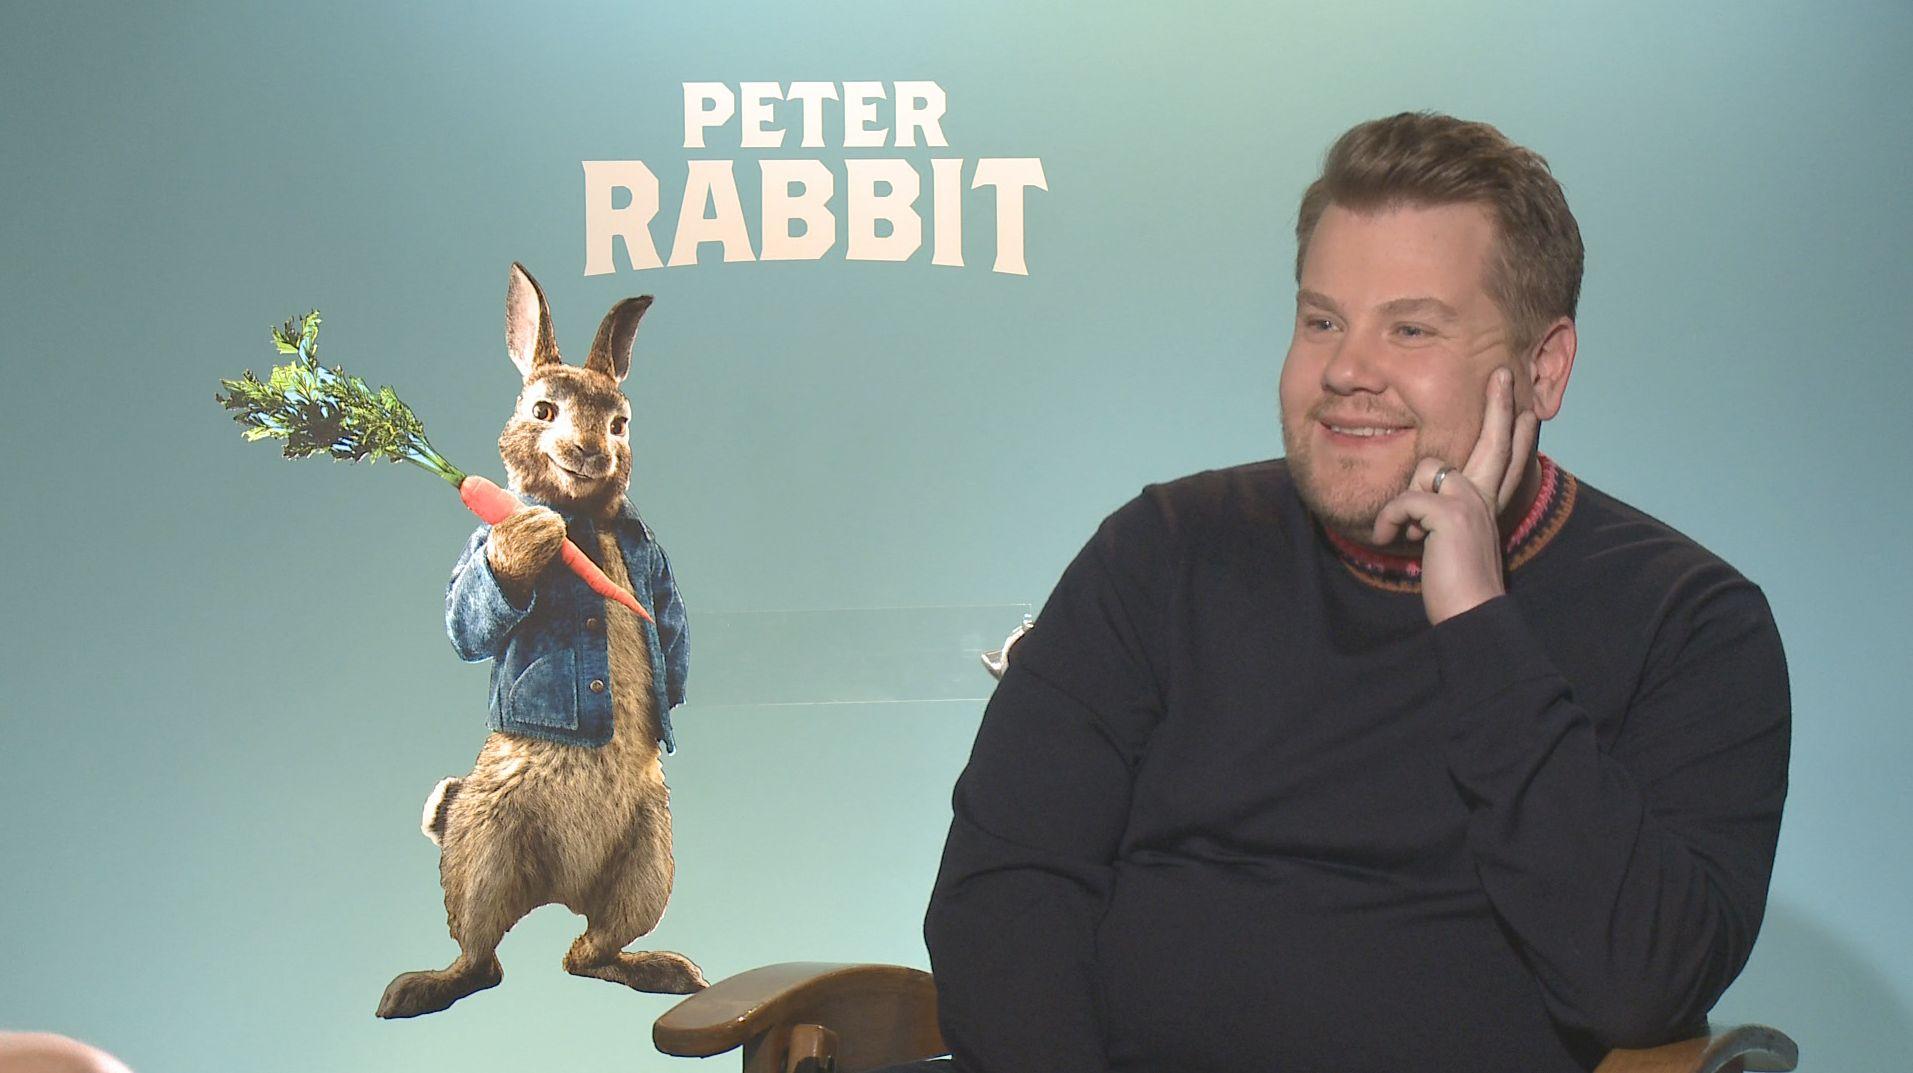 james corden interview peter rabbit oceans 8 - James Corden on Being Honored to Voice 'Peter Rabbit' and 'Oceans 8'